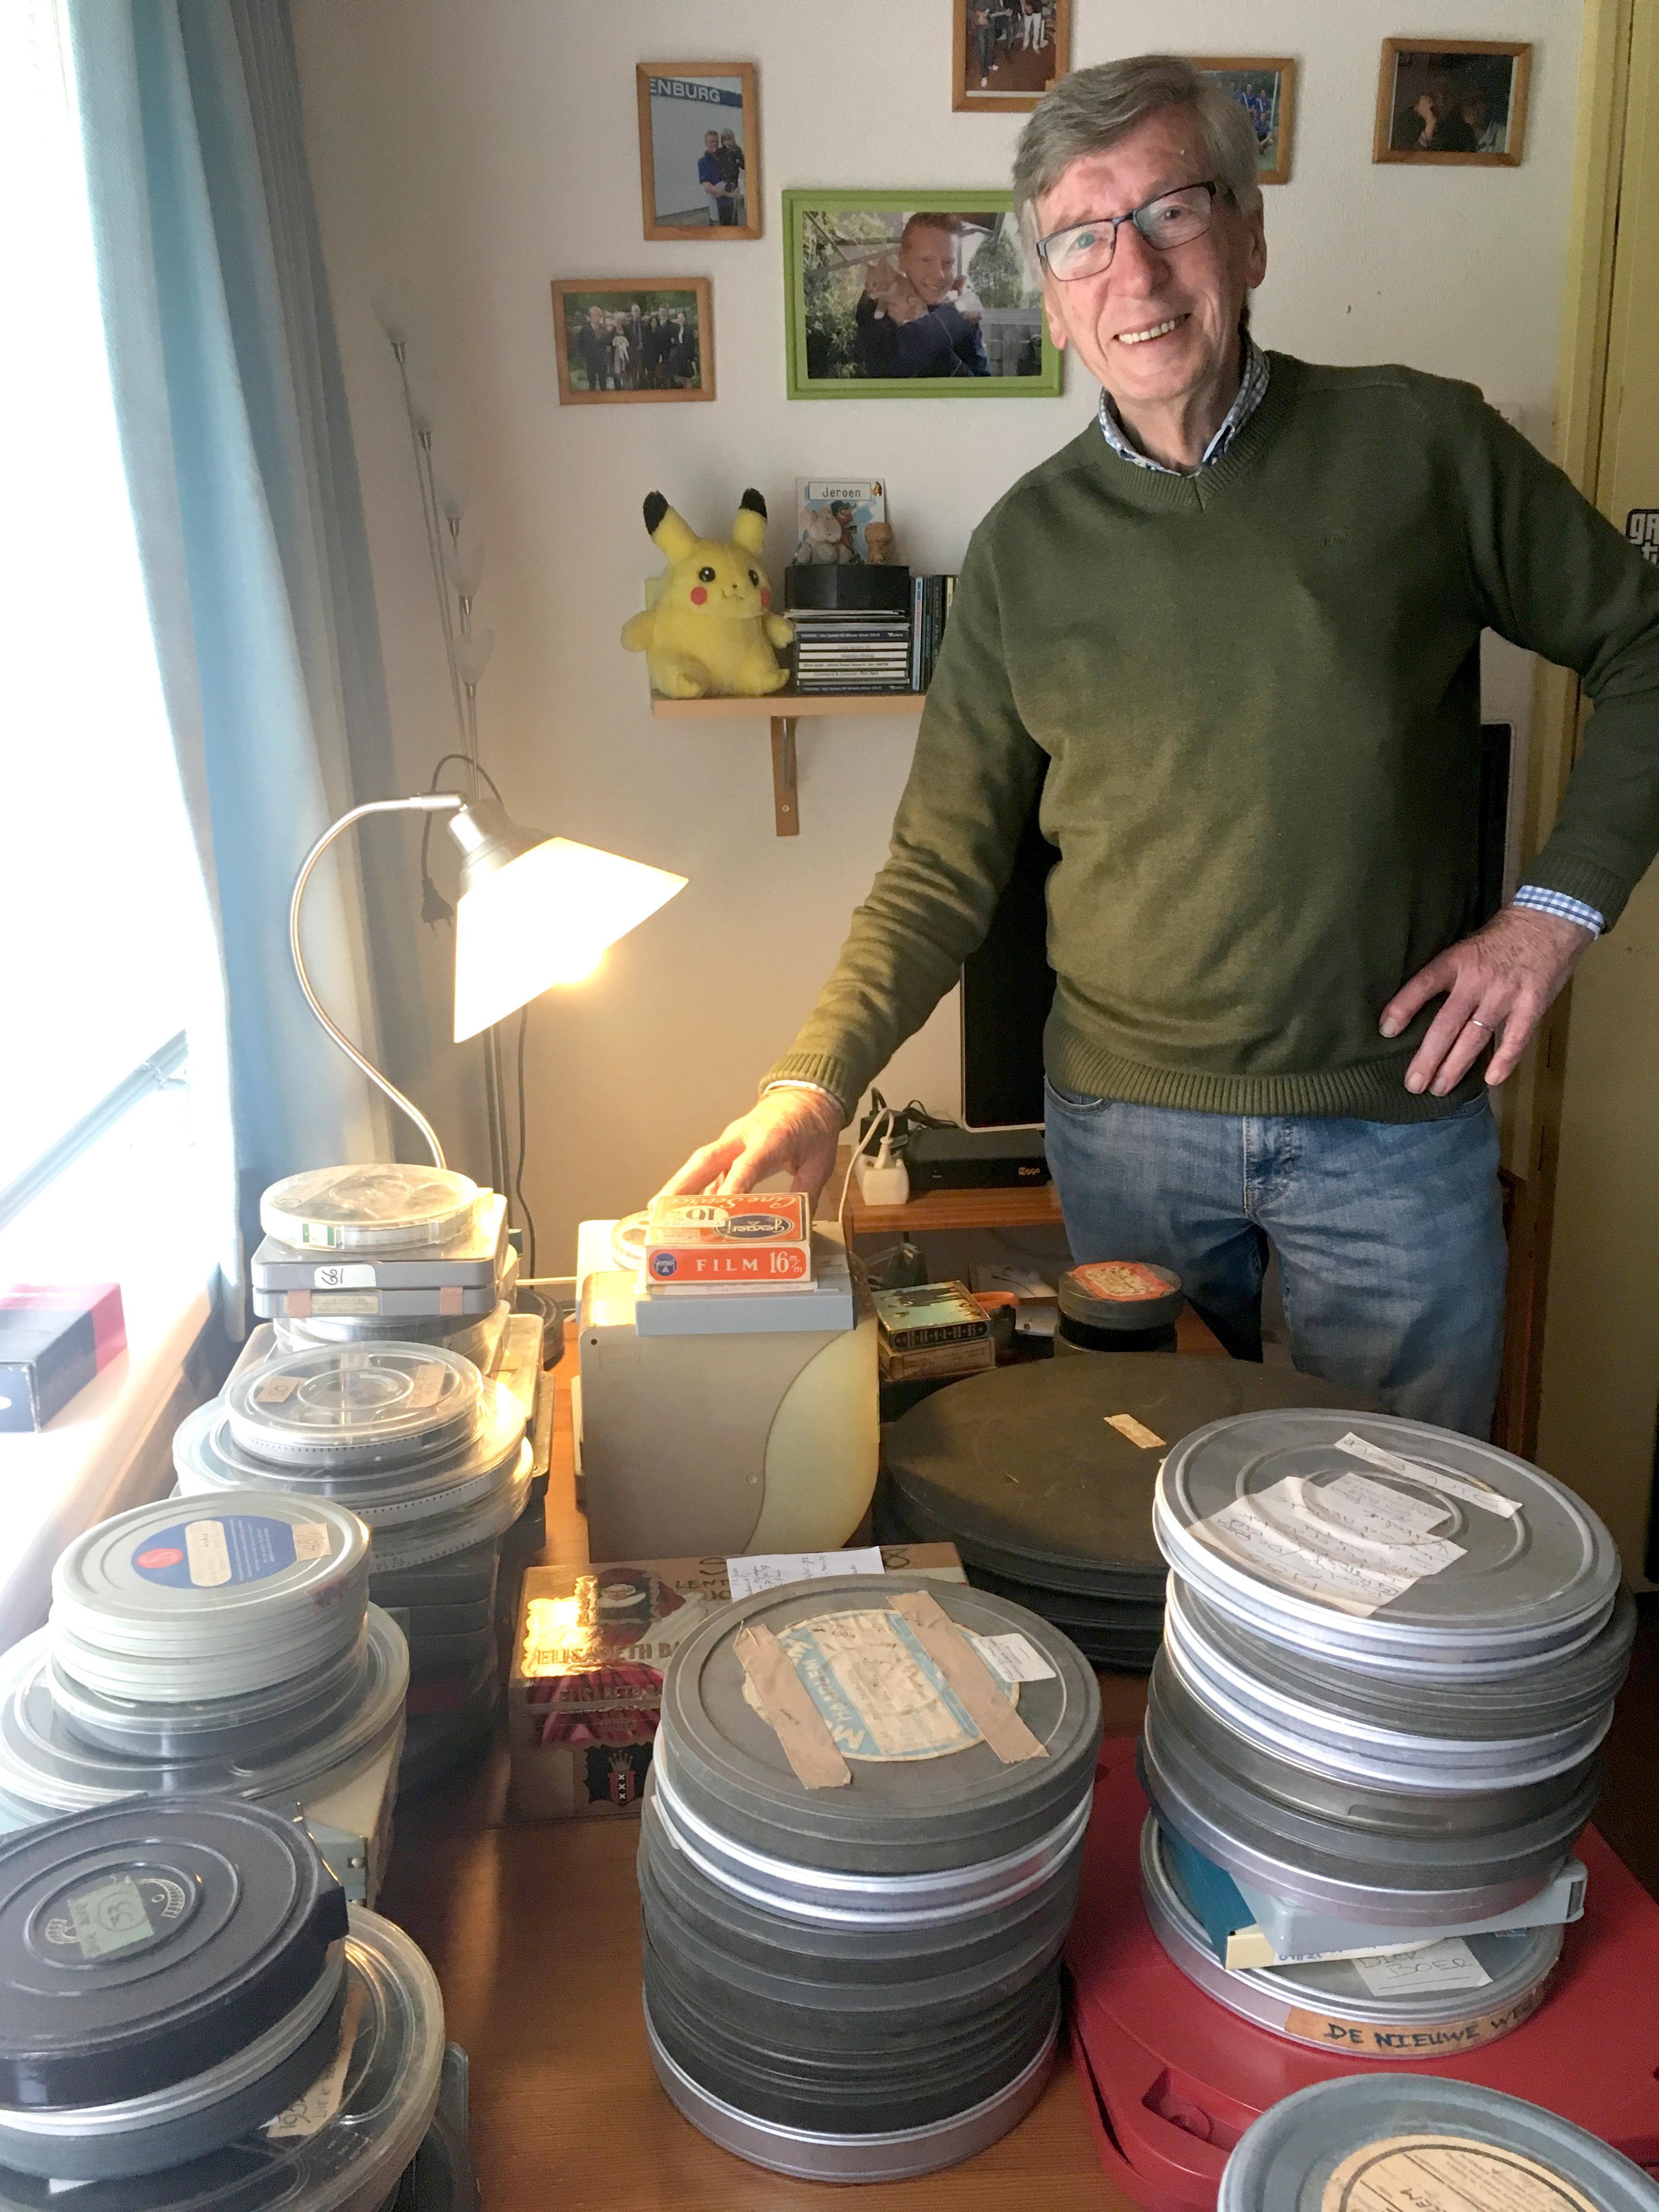 Project Haarlem op Film begint te leven: dwarsdoorsnede van een eeuw Spaarnestad